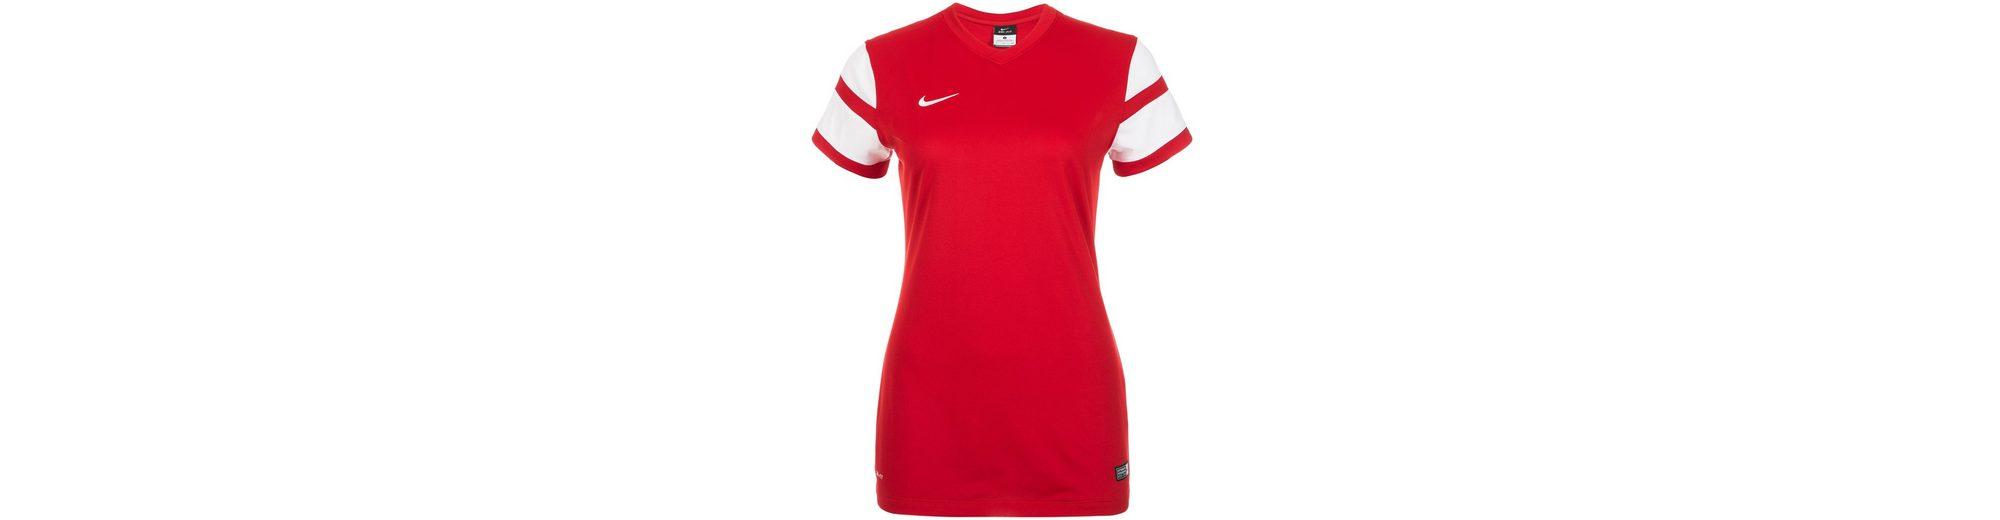 Online Ansehen Nike Trophy II Trikot Damen Billig Verkauf 100% Garantiert Wahl Zum Verkauf Rabatt Veröffentlichungstermine Sneakernews Zum Verkauf UXeMdJ6